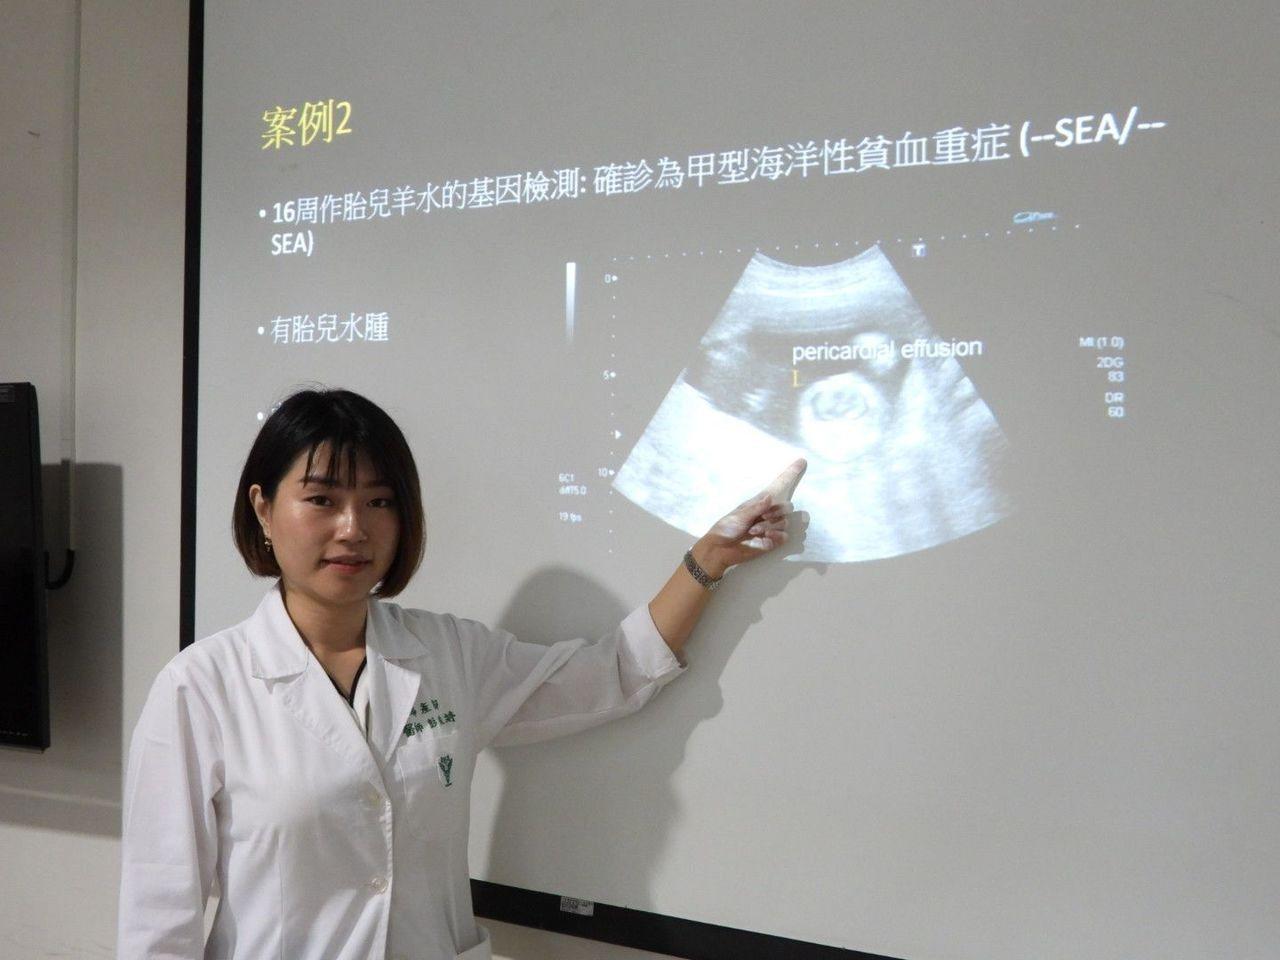 海洋性貧血帶因父母生下重症子女,超音波確認胎兒嚴重病變。記者周宗禎/攝影